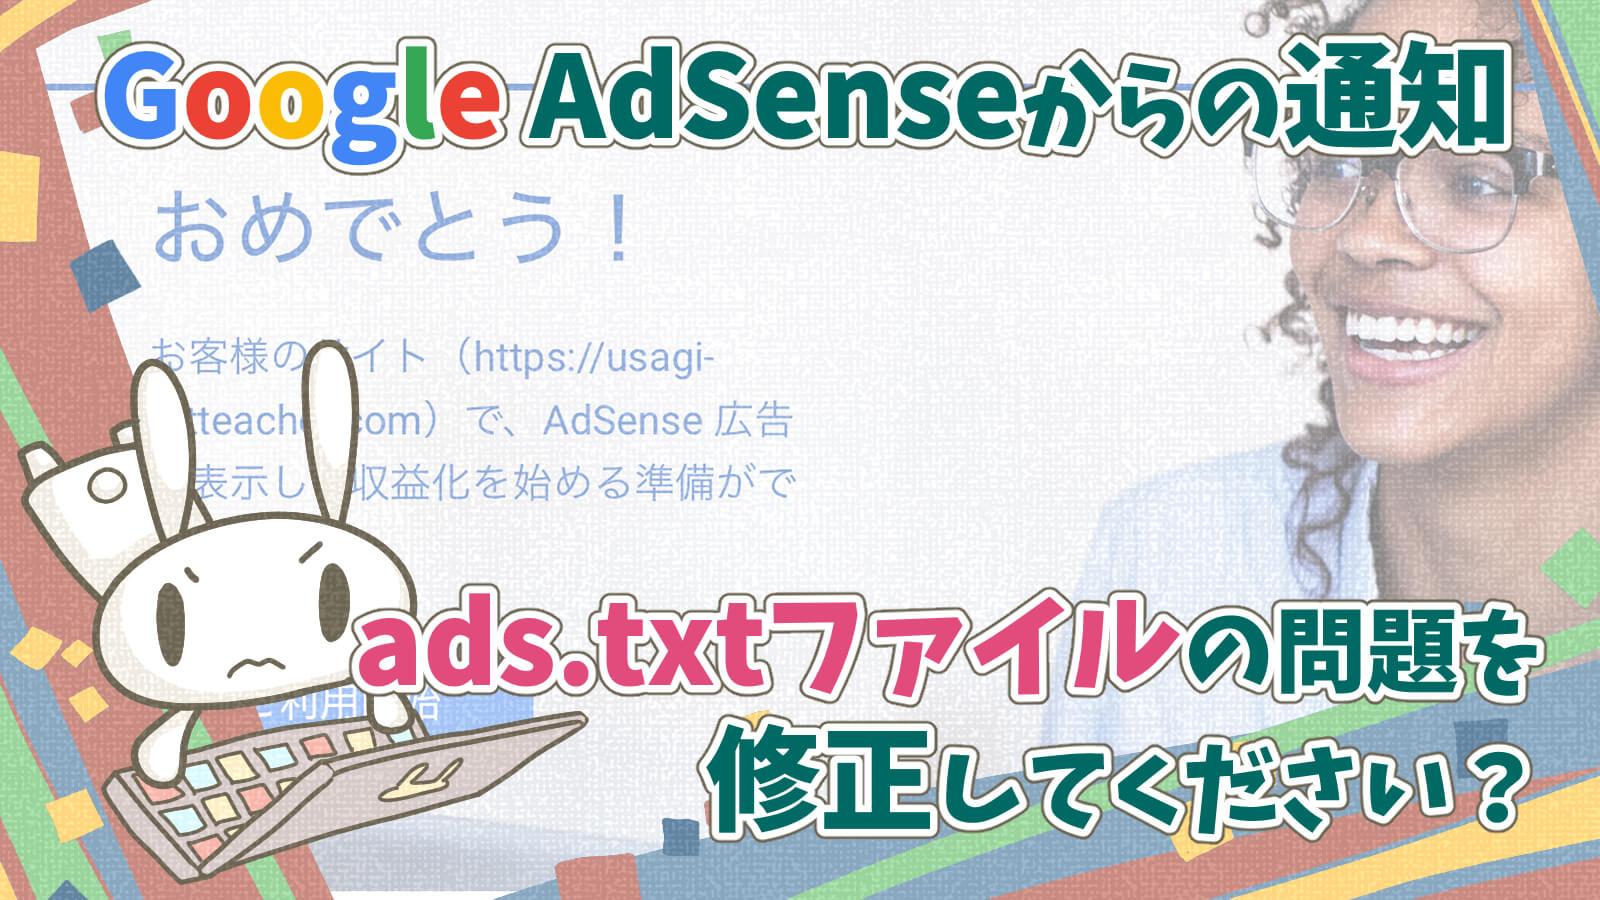 グーグルアドセンスのadstxtエラー通知エックスサーバーでの解決方法